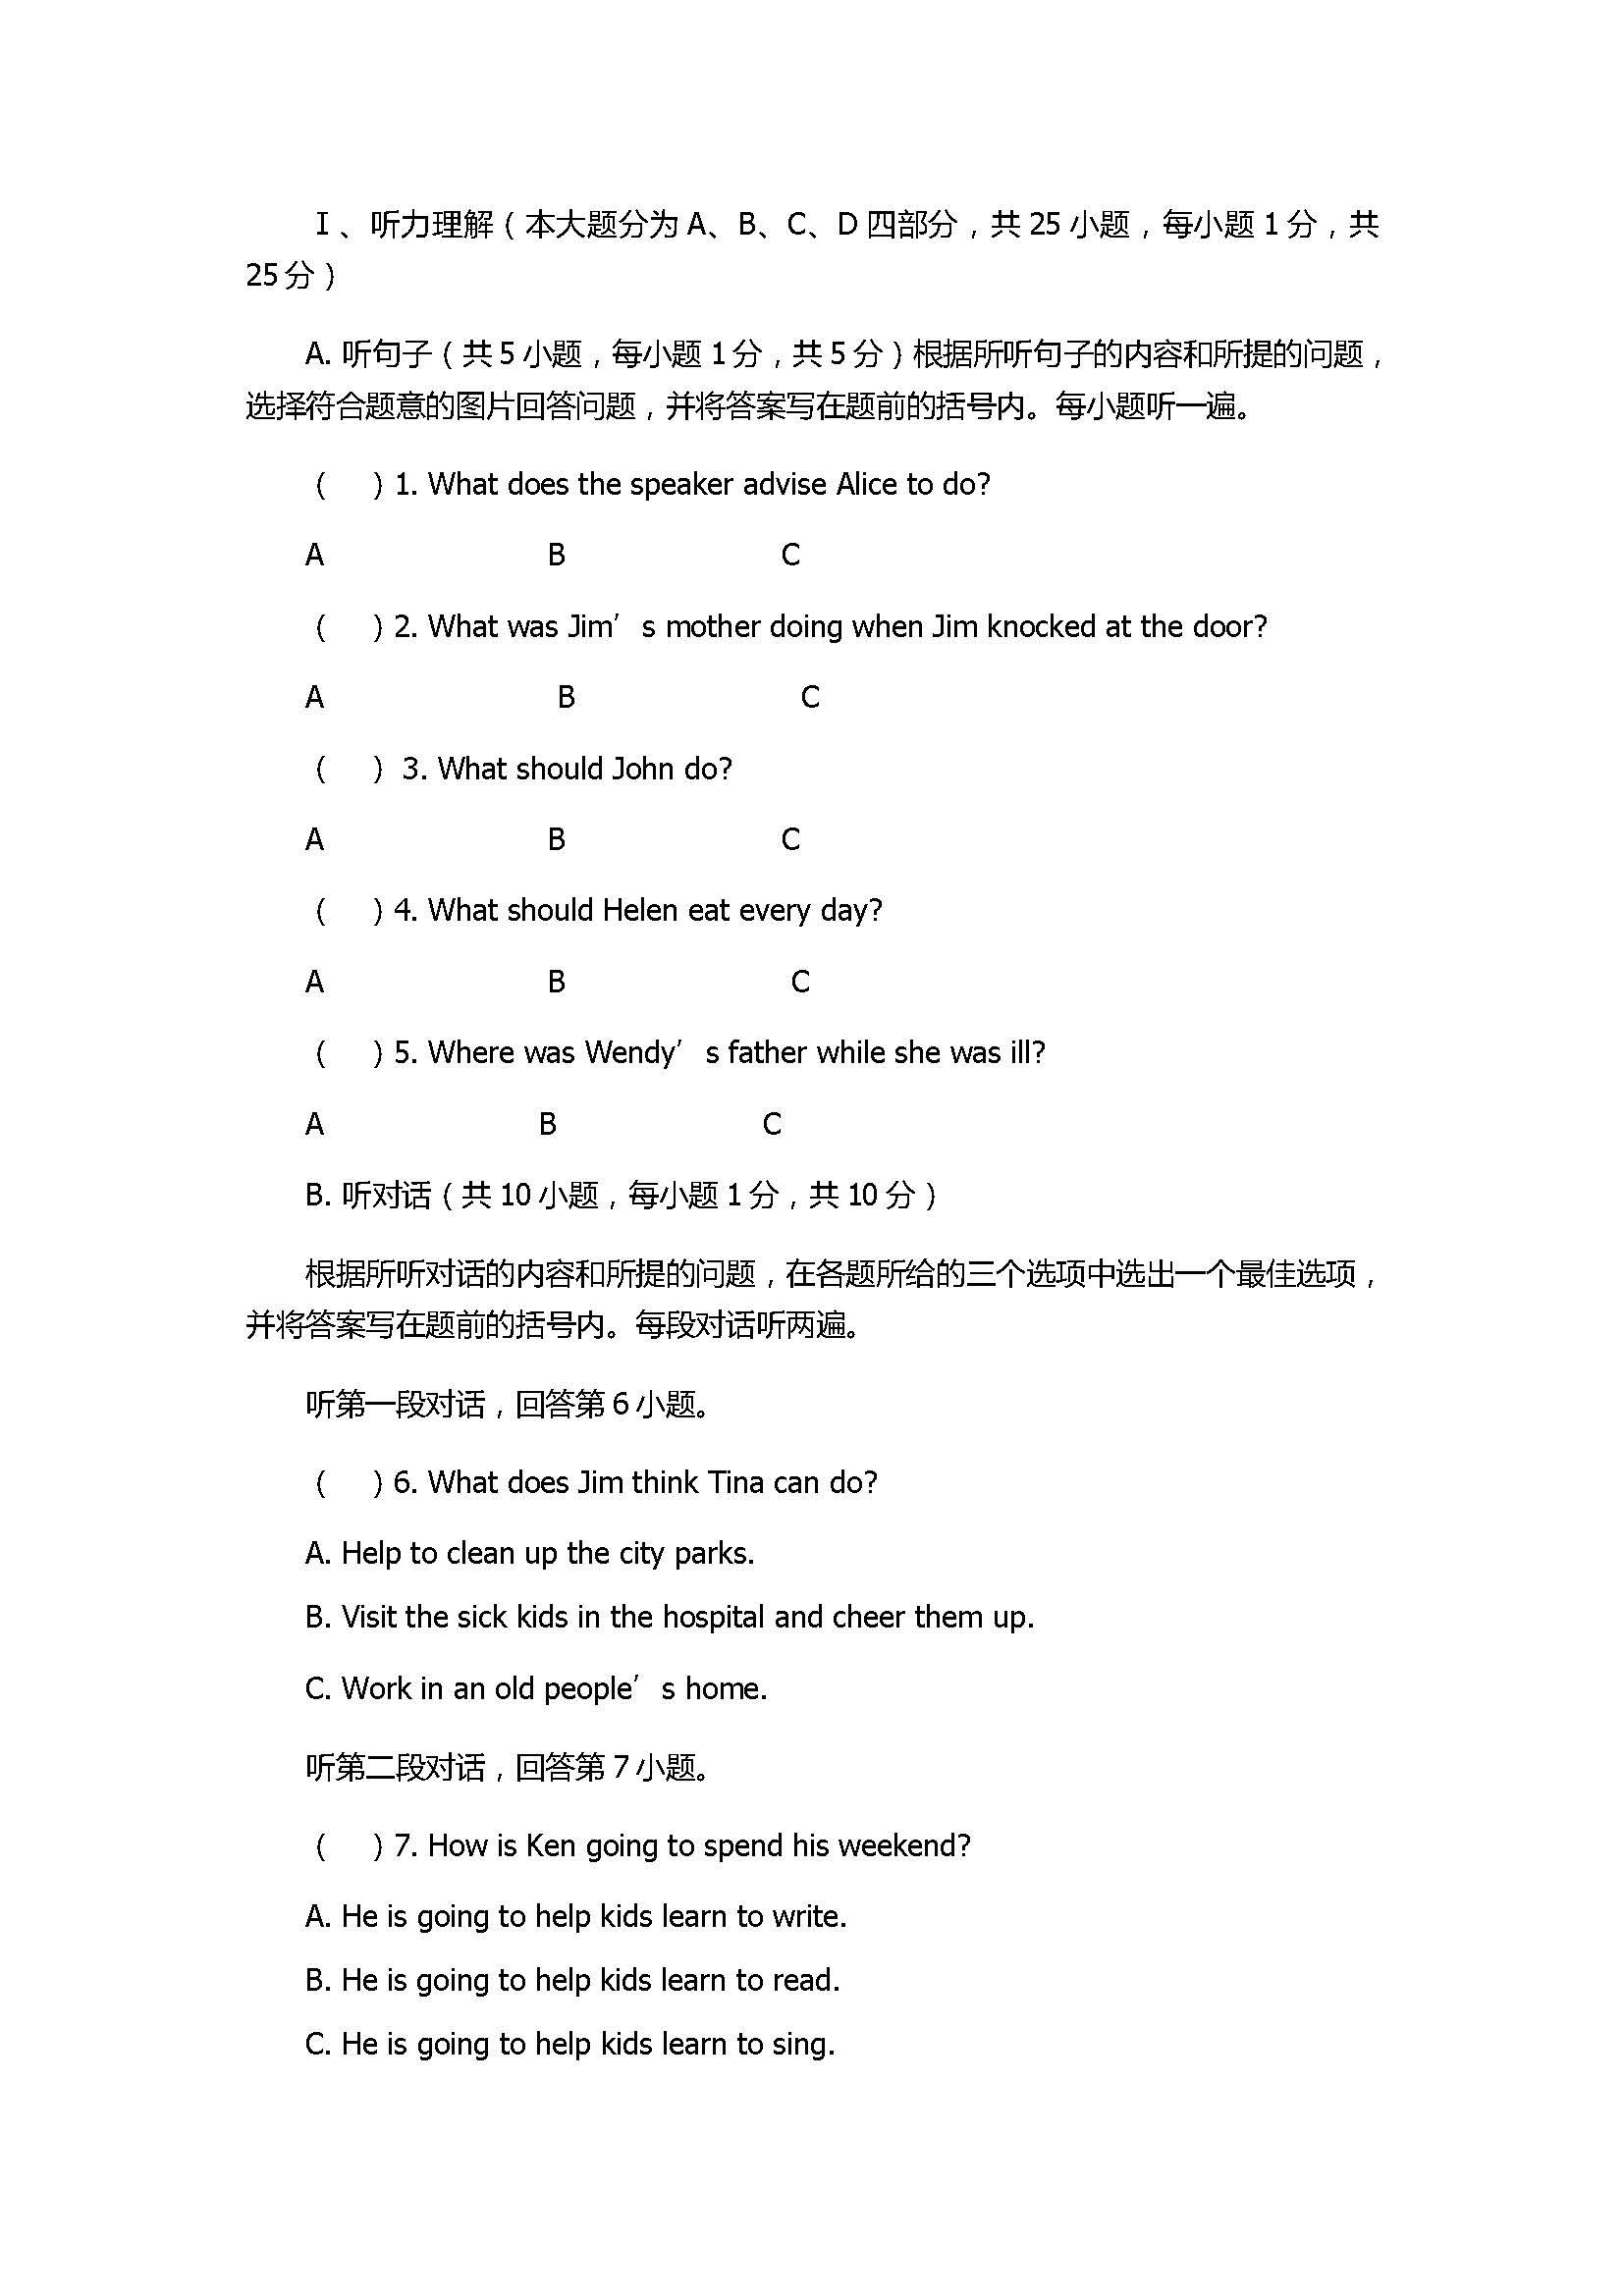 2017八年级英语下册期中四校联考测试题含答案(宁国市初中D片)